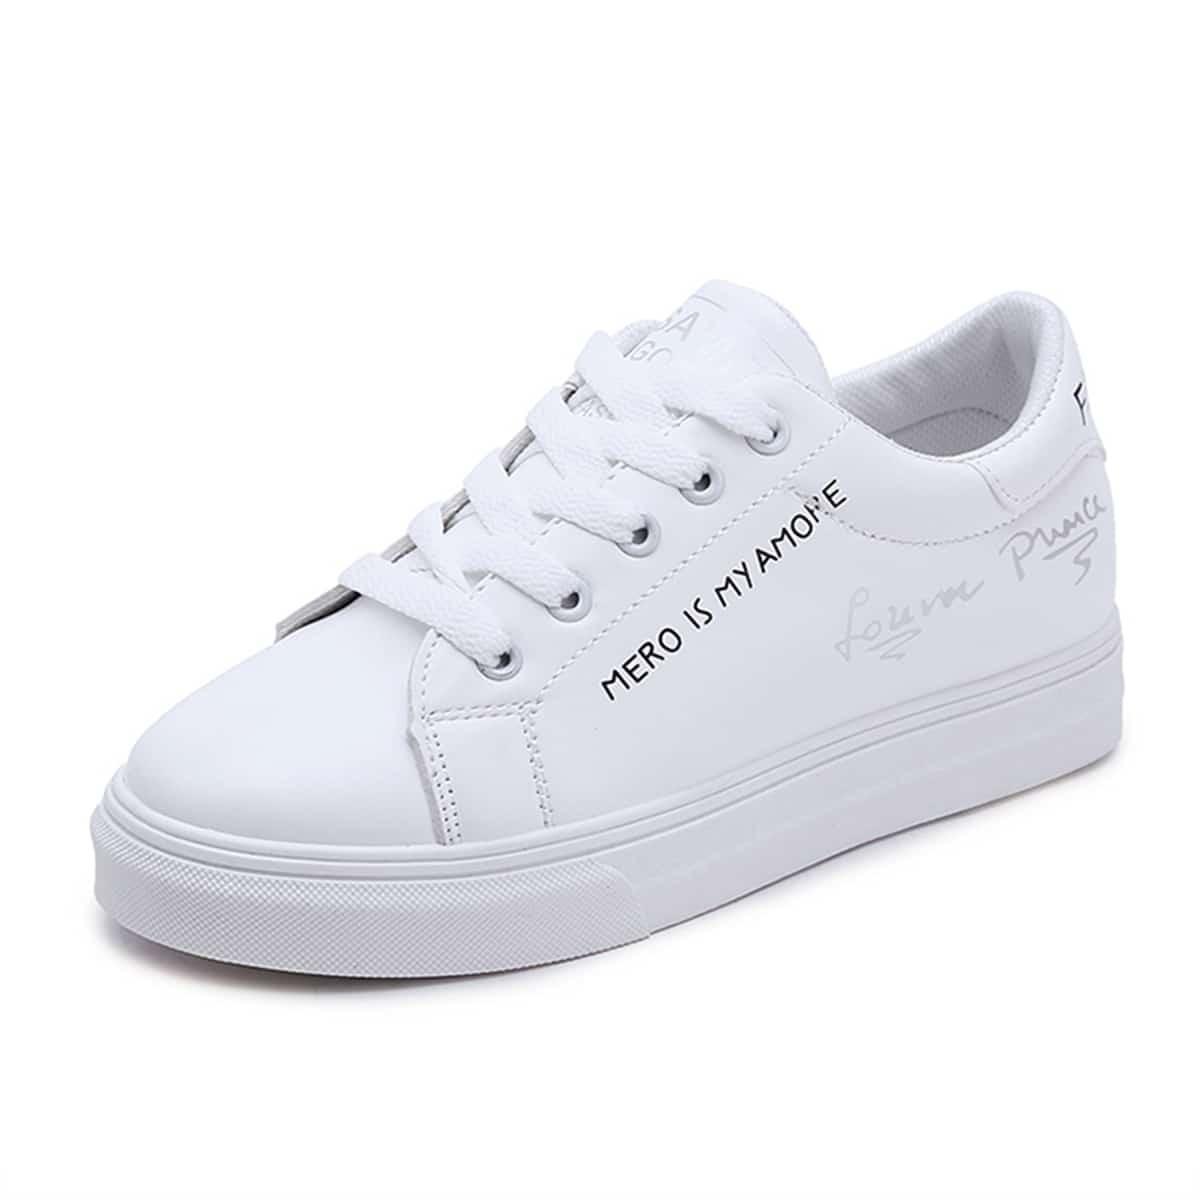 Белый Со шнурвокой Удобный Кеды